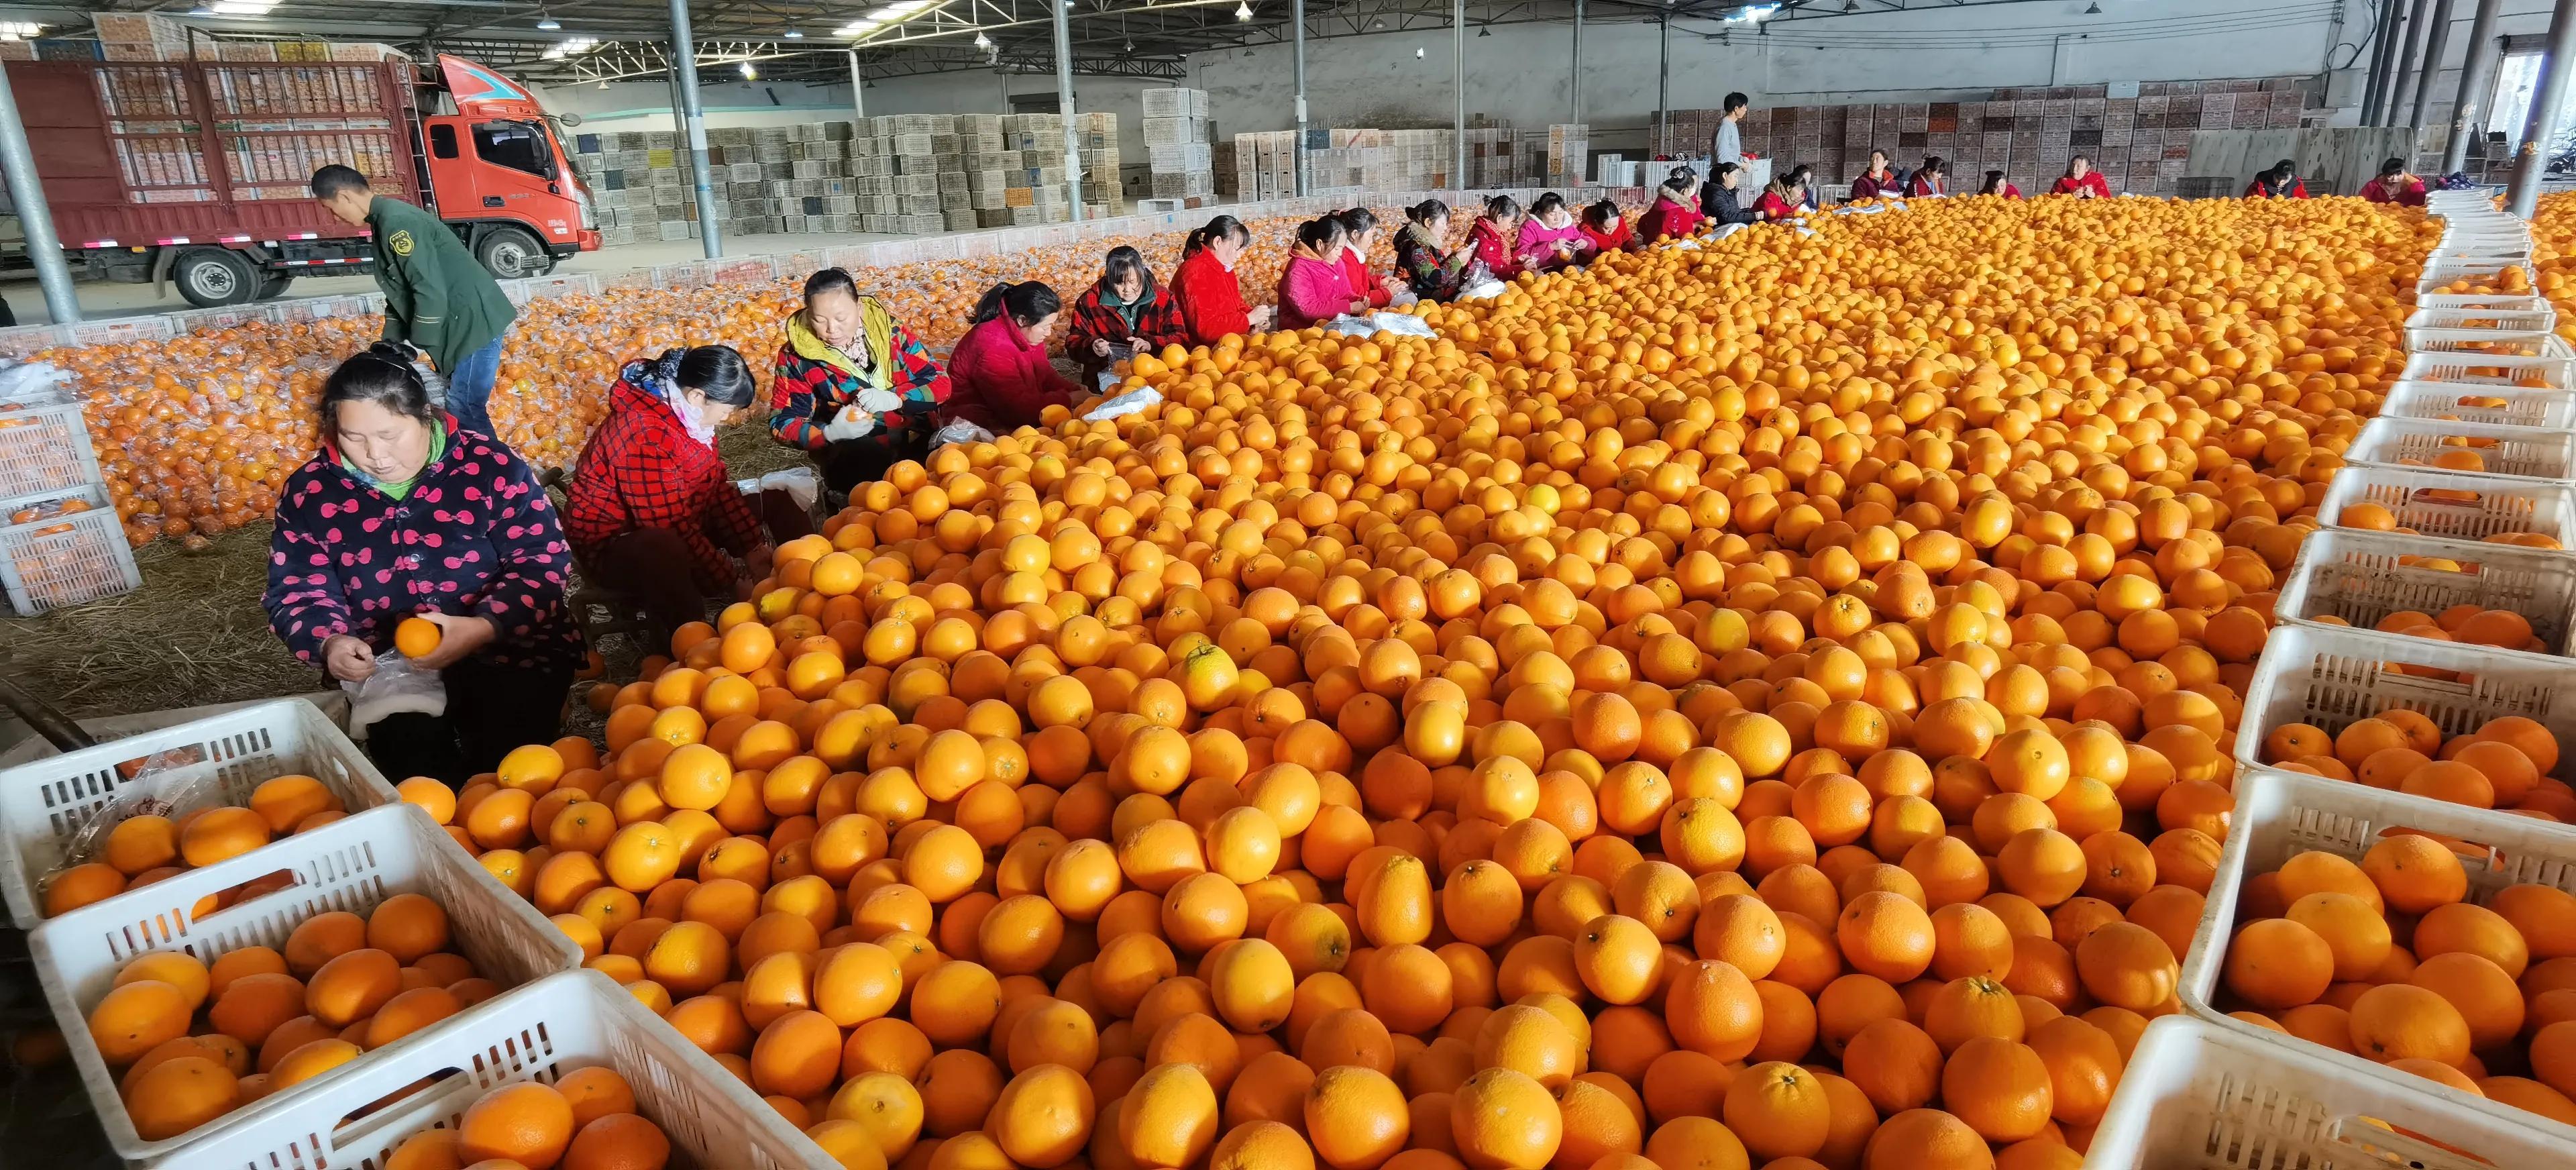 枝江仙女:举办柑橘产业发展技术培训,用绿色防控生产安全漂亮果